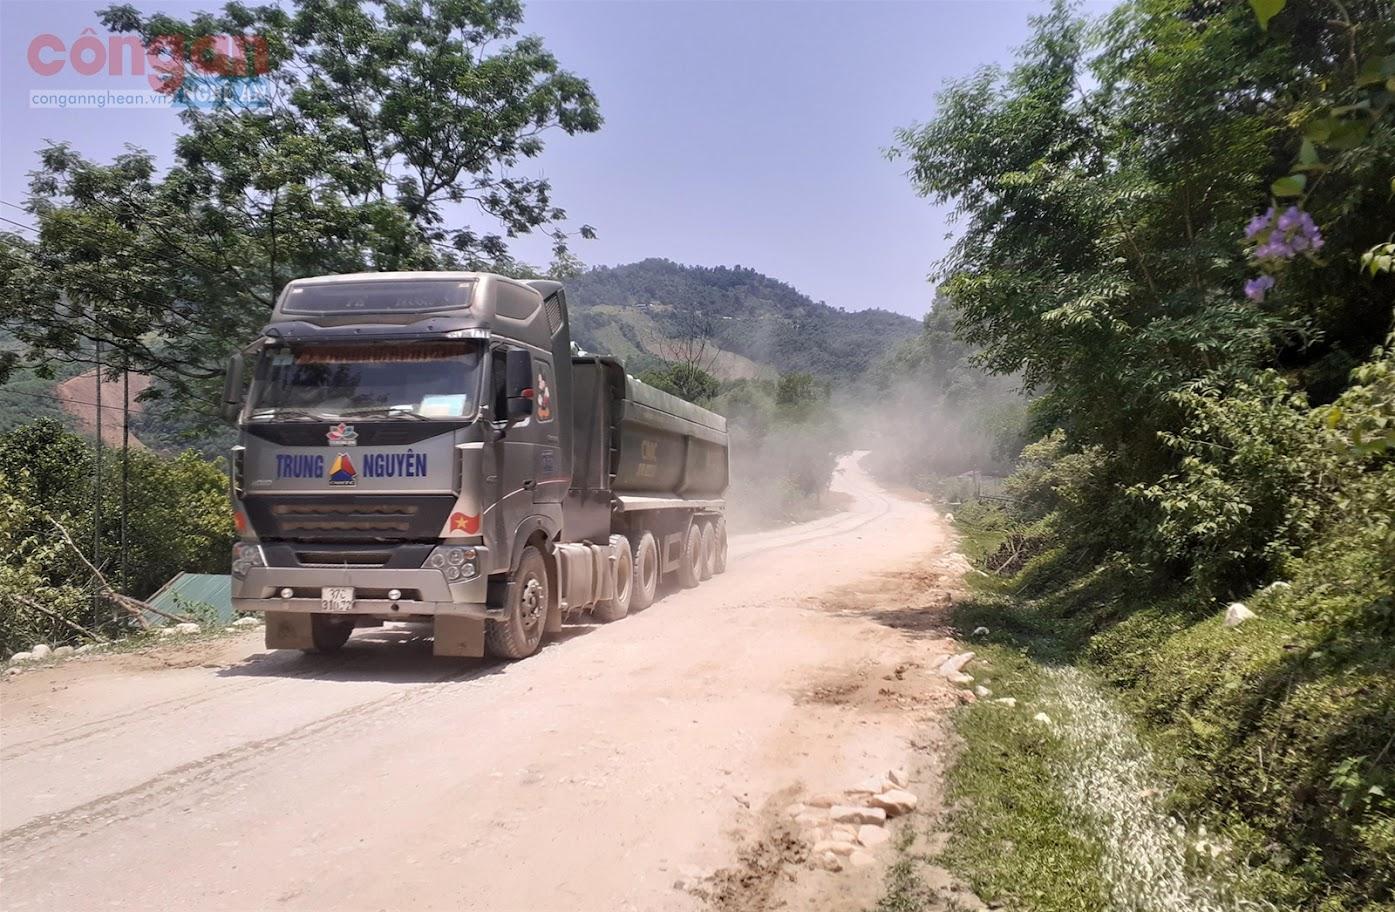 Dự án Đường giao thông liên xã Châu Lộc - Liên Hợp - Châu Tiến  (nay là Tỉnh lộ 532) đã hoàn thiện, đưa vào khai thác 6 năm nay